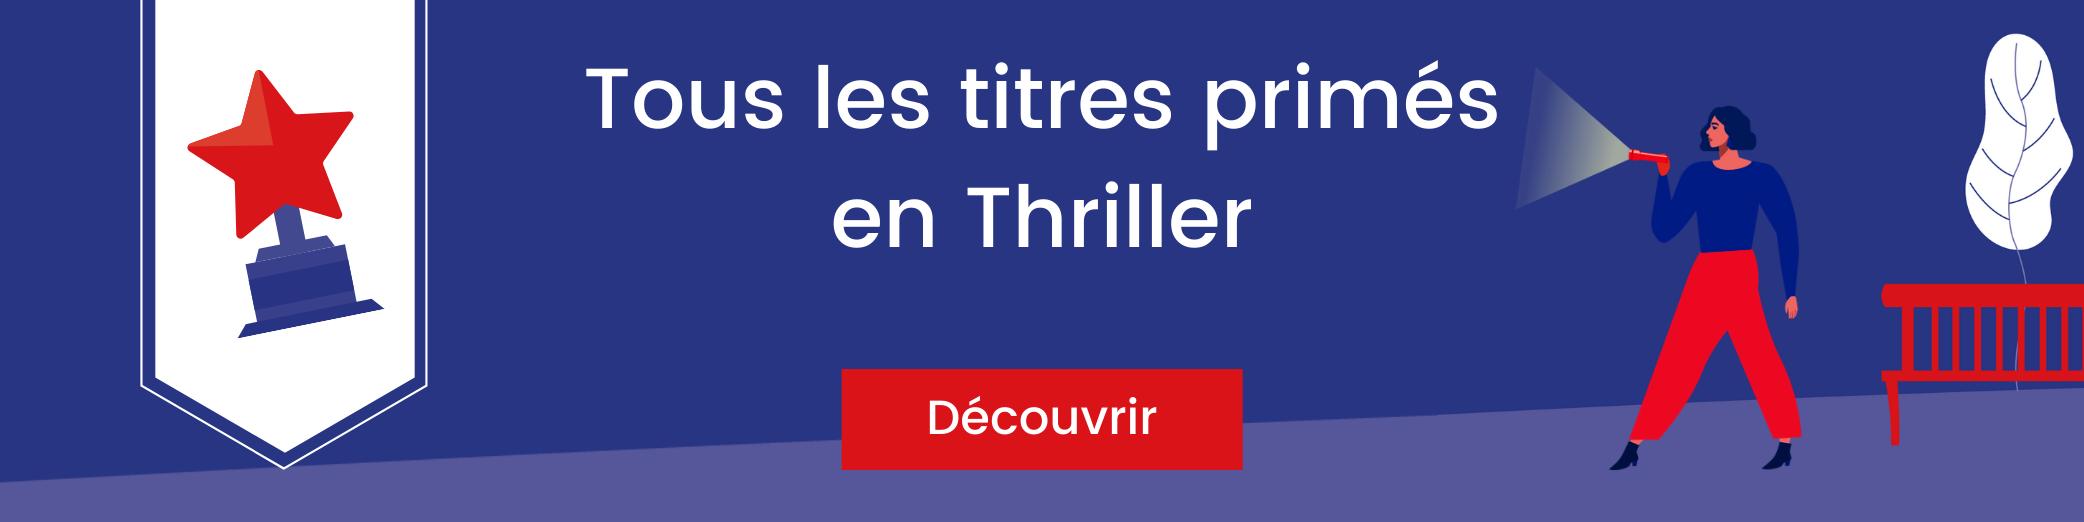 Bannière titres primés en thriller